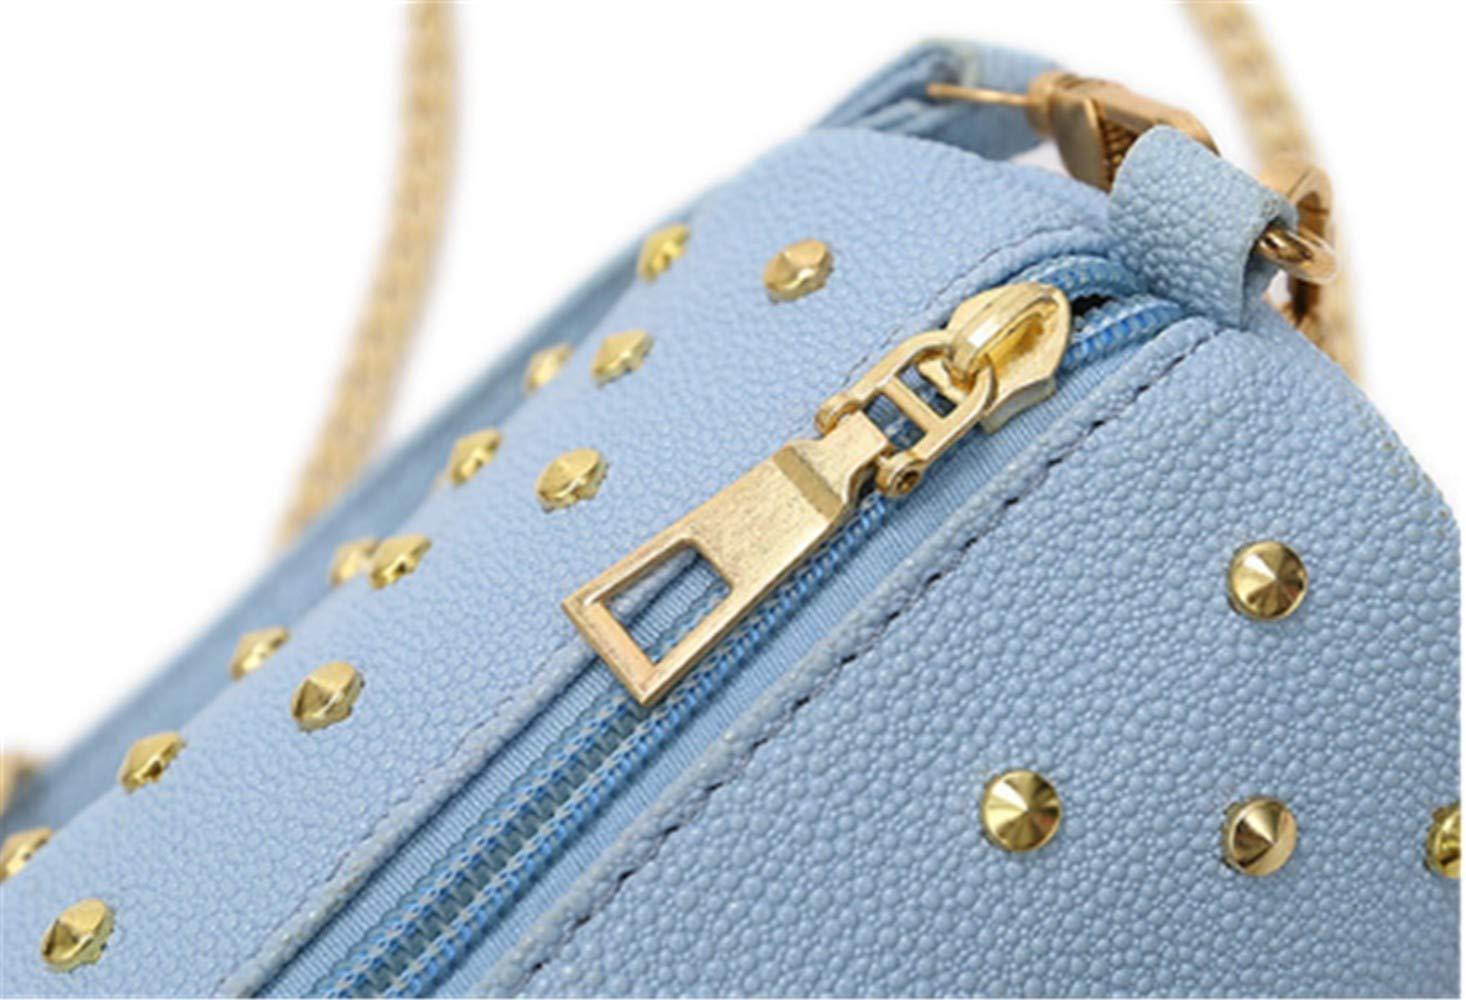 Handtasche Damennieten Kette Minimalistisch Umhängetasche Umhängetasche Umhängetasche Mit Einer Schulter Blau B07KQBM2T5 Henkeltaschen Modernes Design ab6cf5